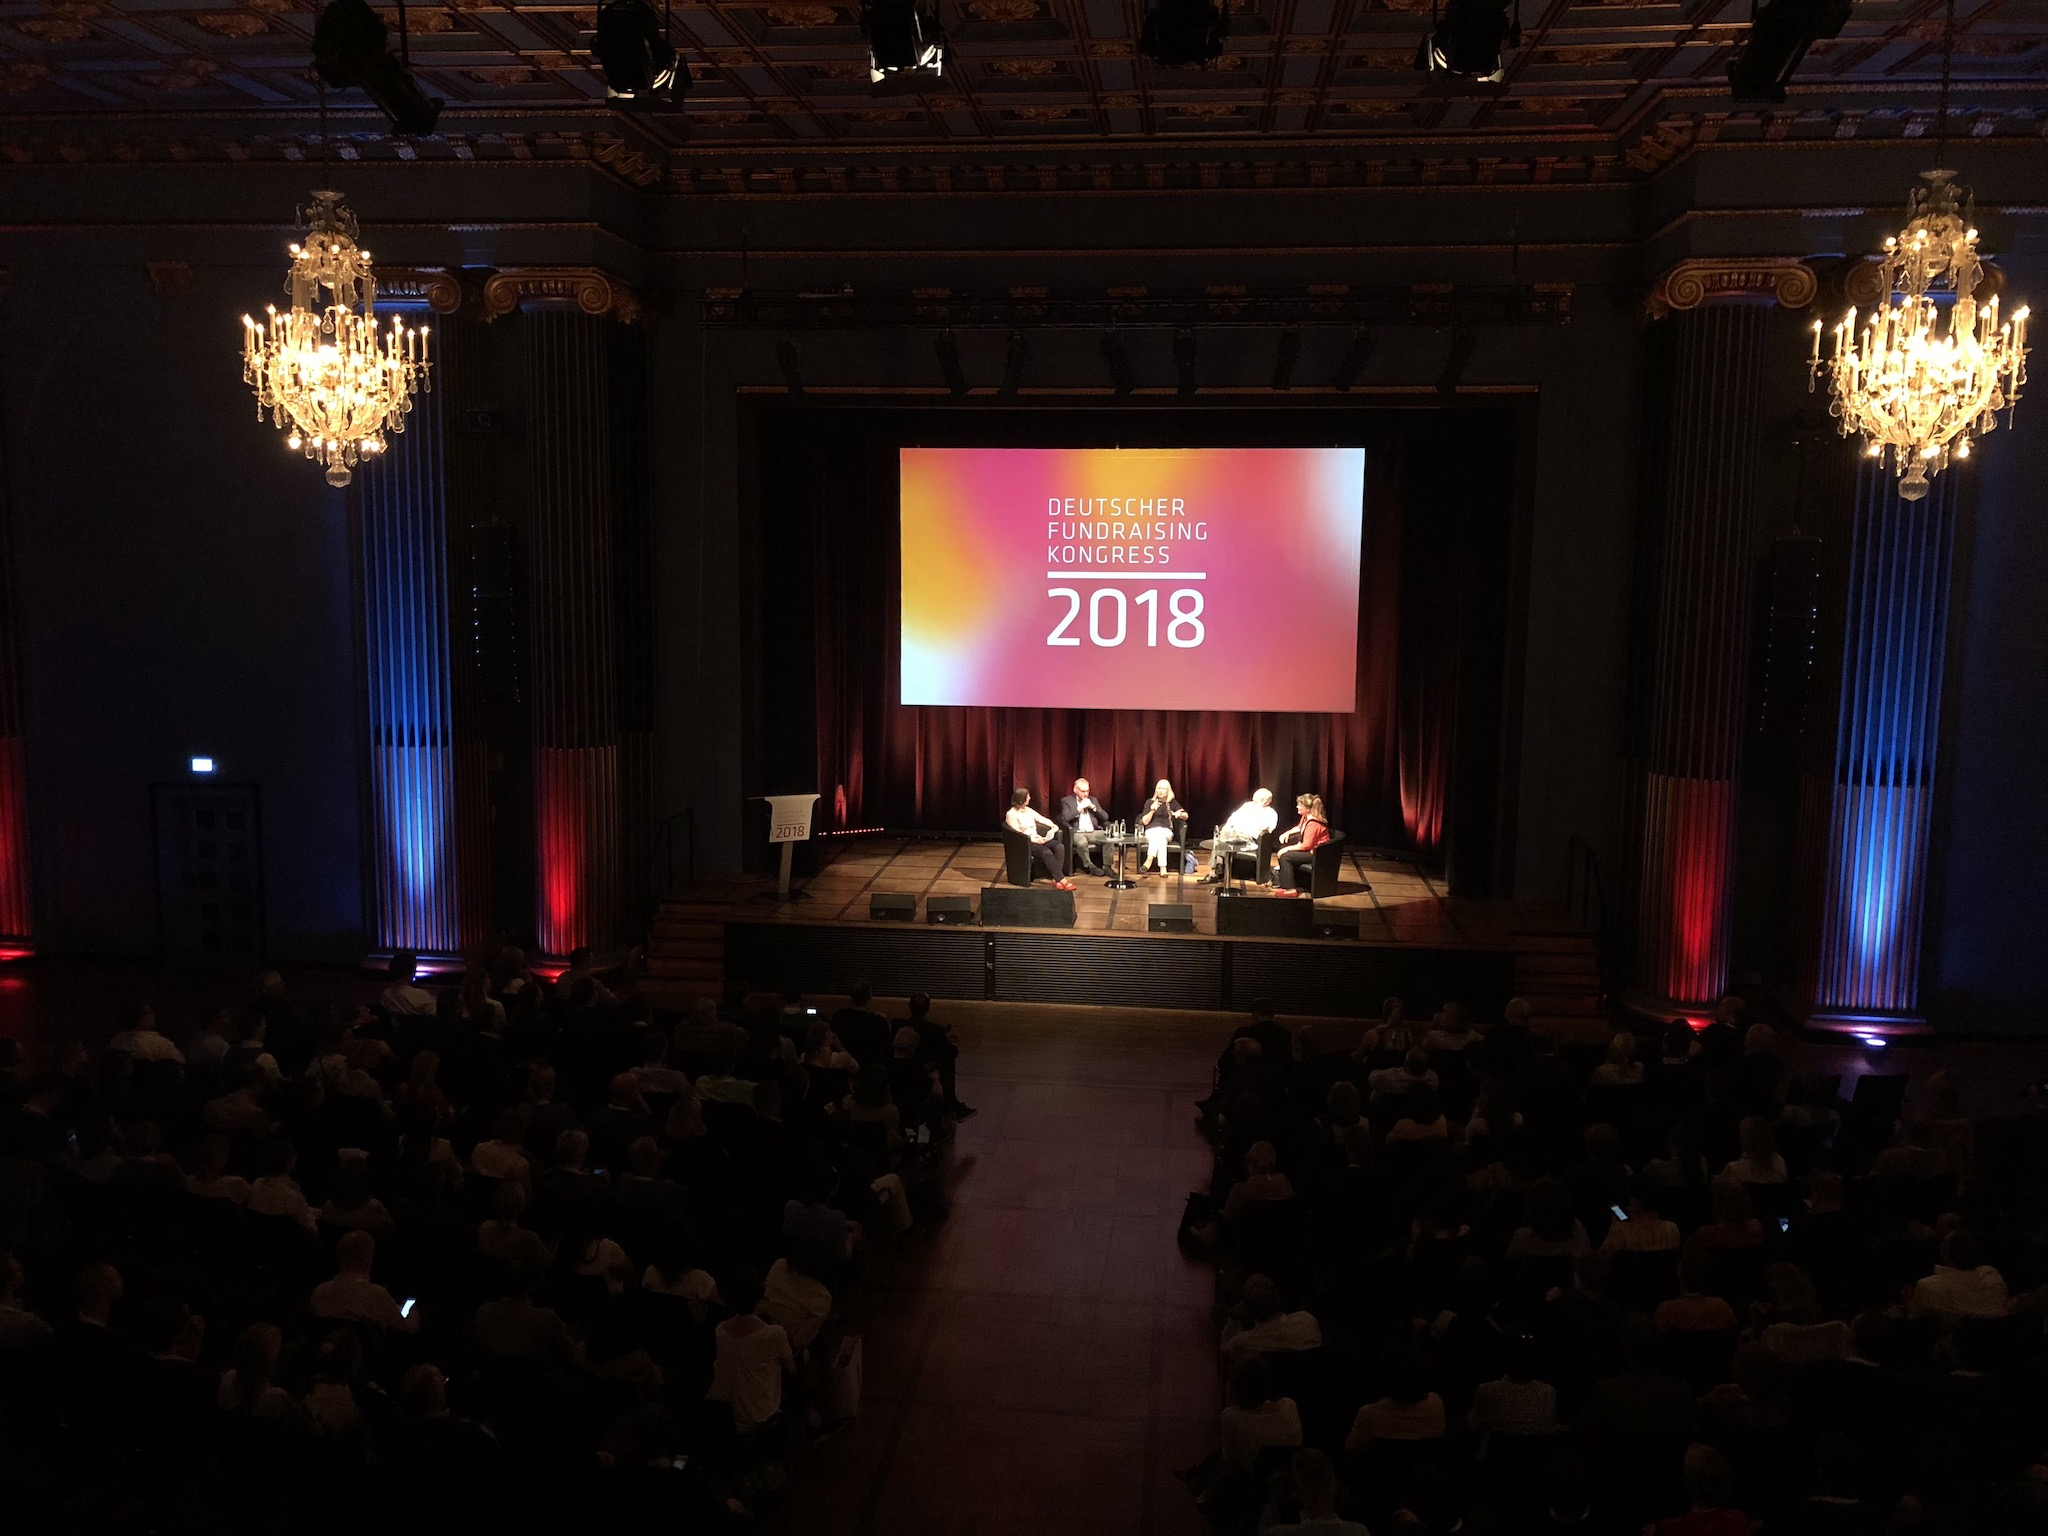 Eröffnung des Deutschen Fundraising Kongresses 2018 in Kassel